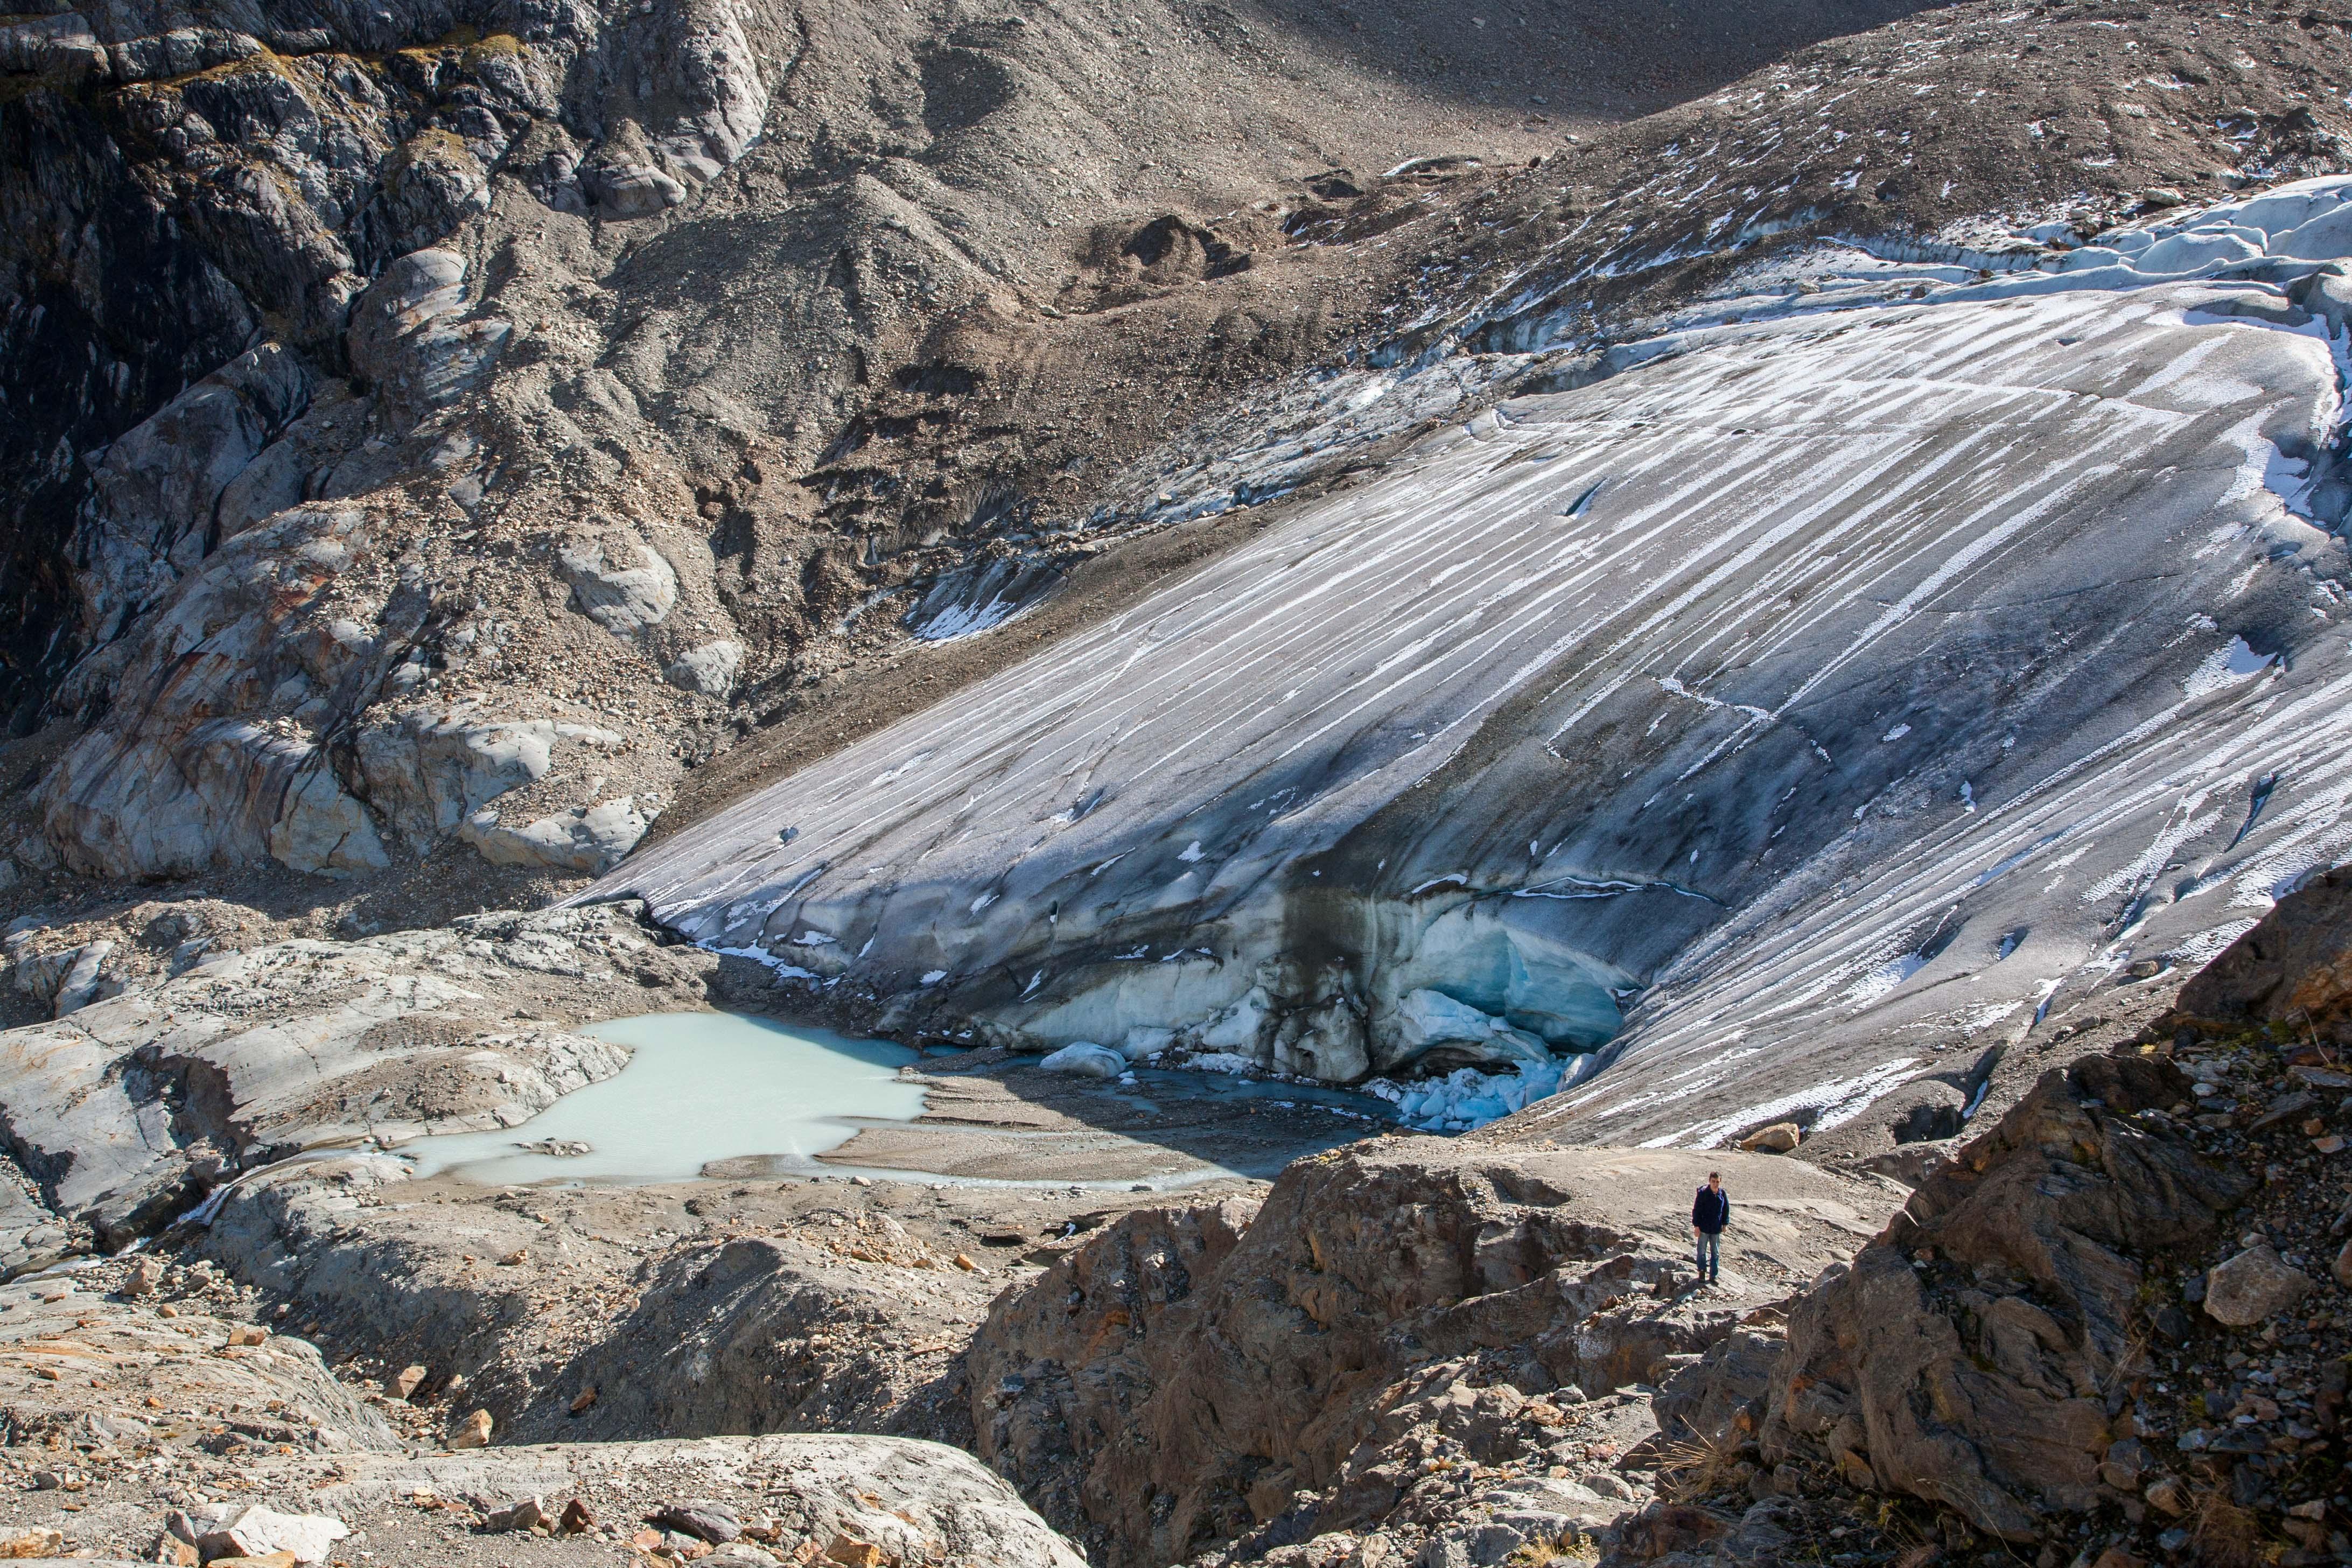 Wspinam się do czoła lodowca Steingletscher